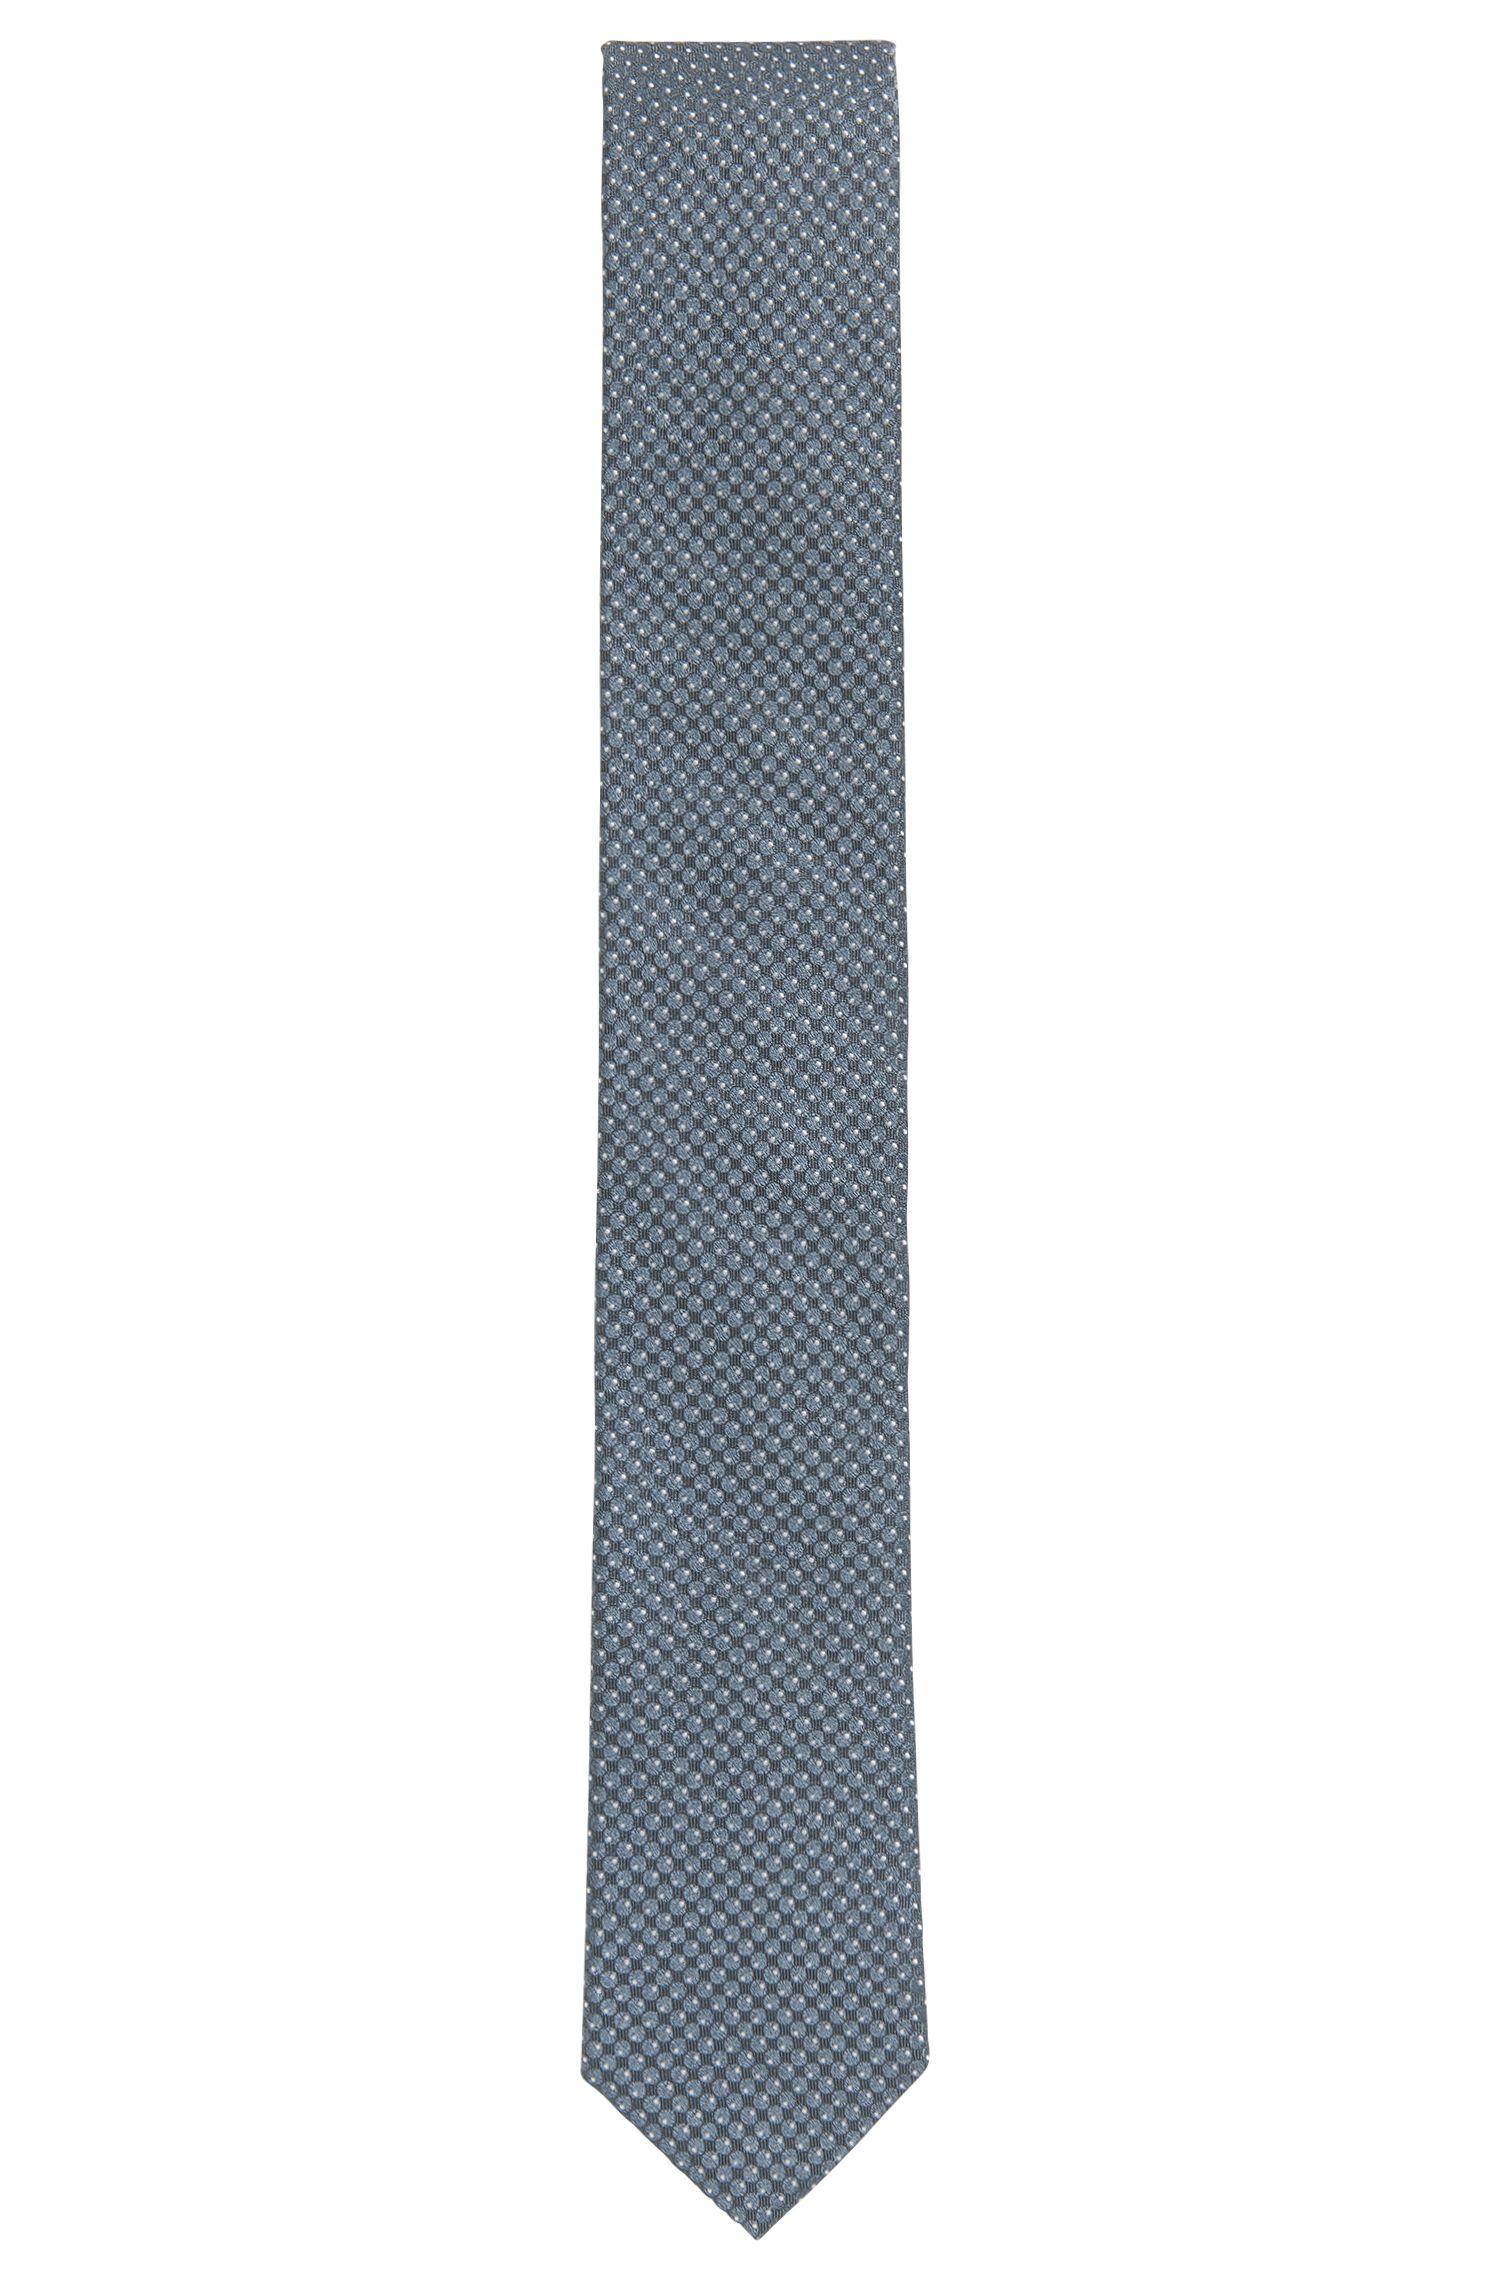 Cravate en jacquard de soie à pois confectionnée en Italie